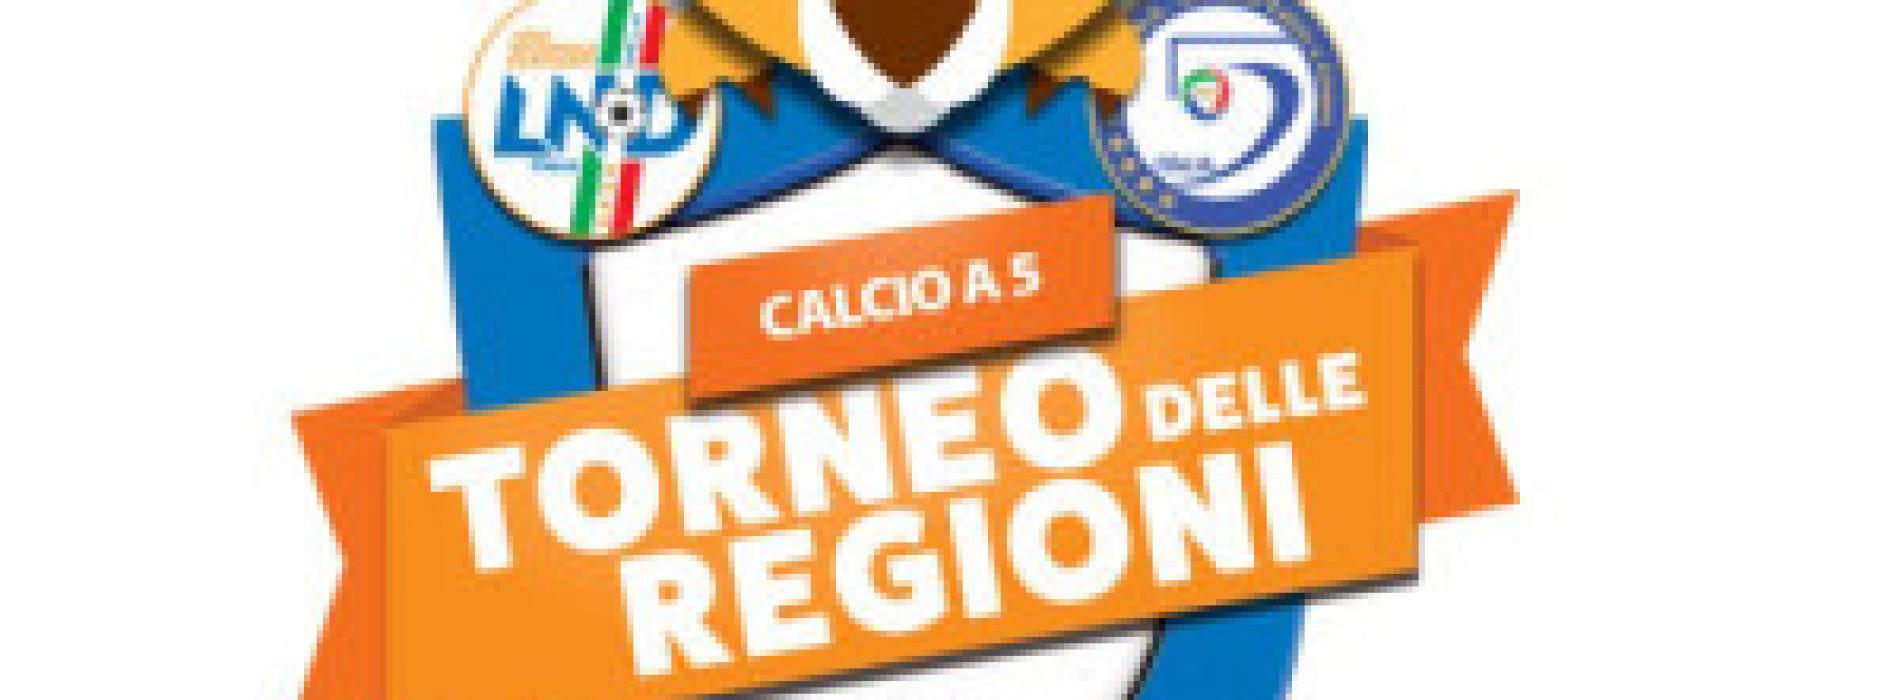 TDR C5 presentato a Bari. Il via il 25 aprile. Il calendario delle gare.